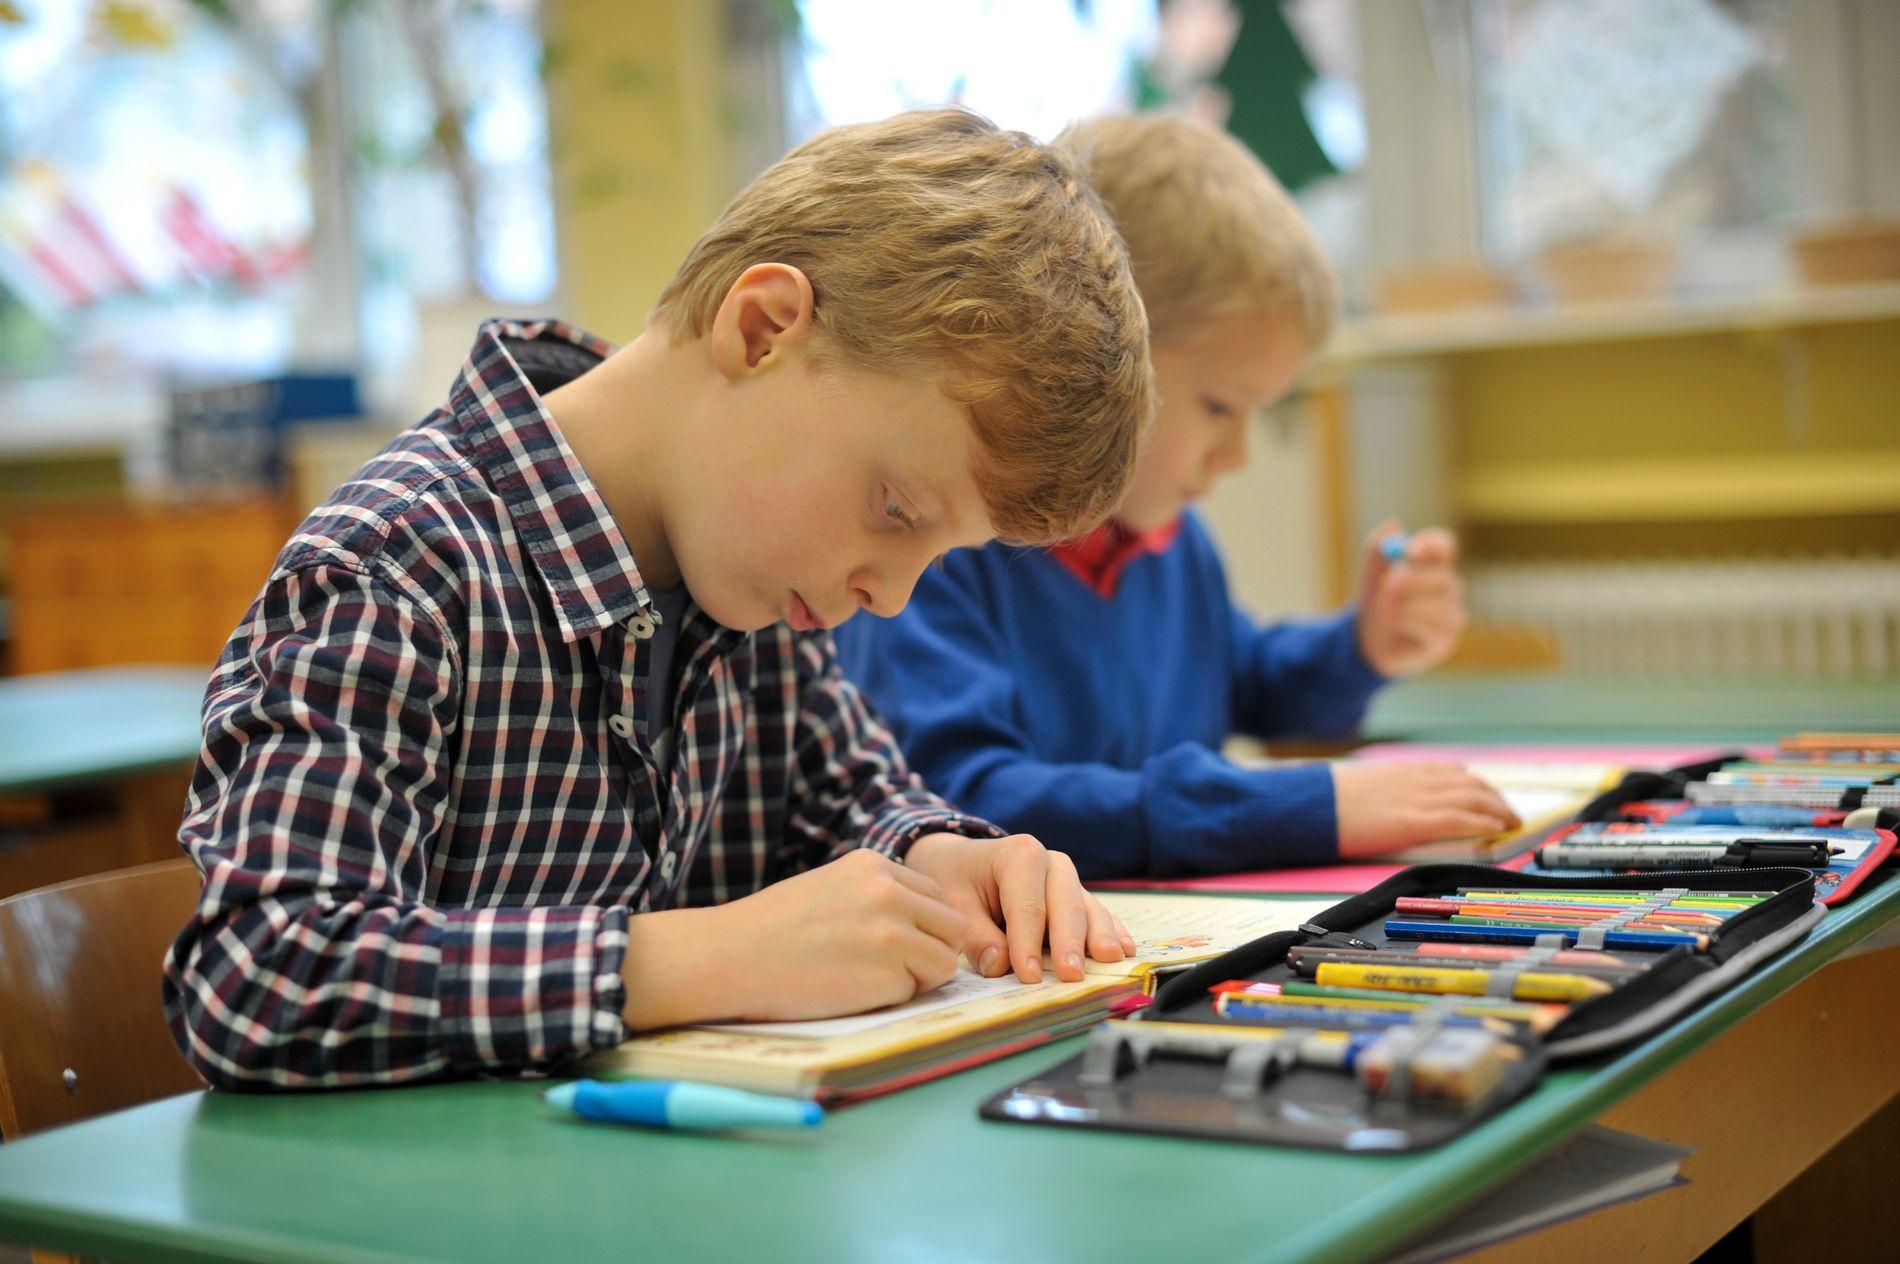 FLERE LÆRERE: For at barn skal bli sett, hørt og få den oppfølgingen de trenger, må det flere lærere inn i skolen.